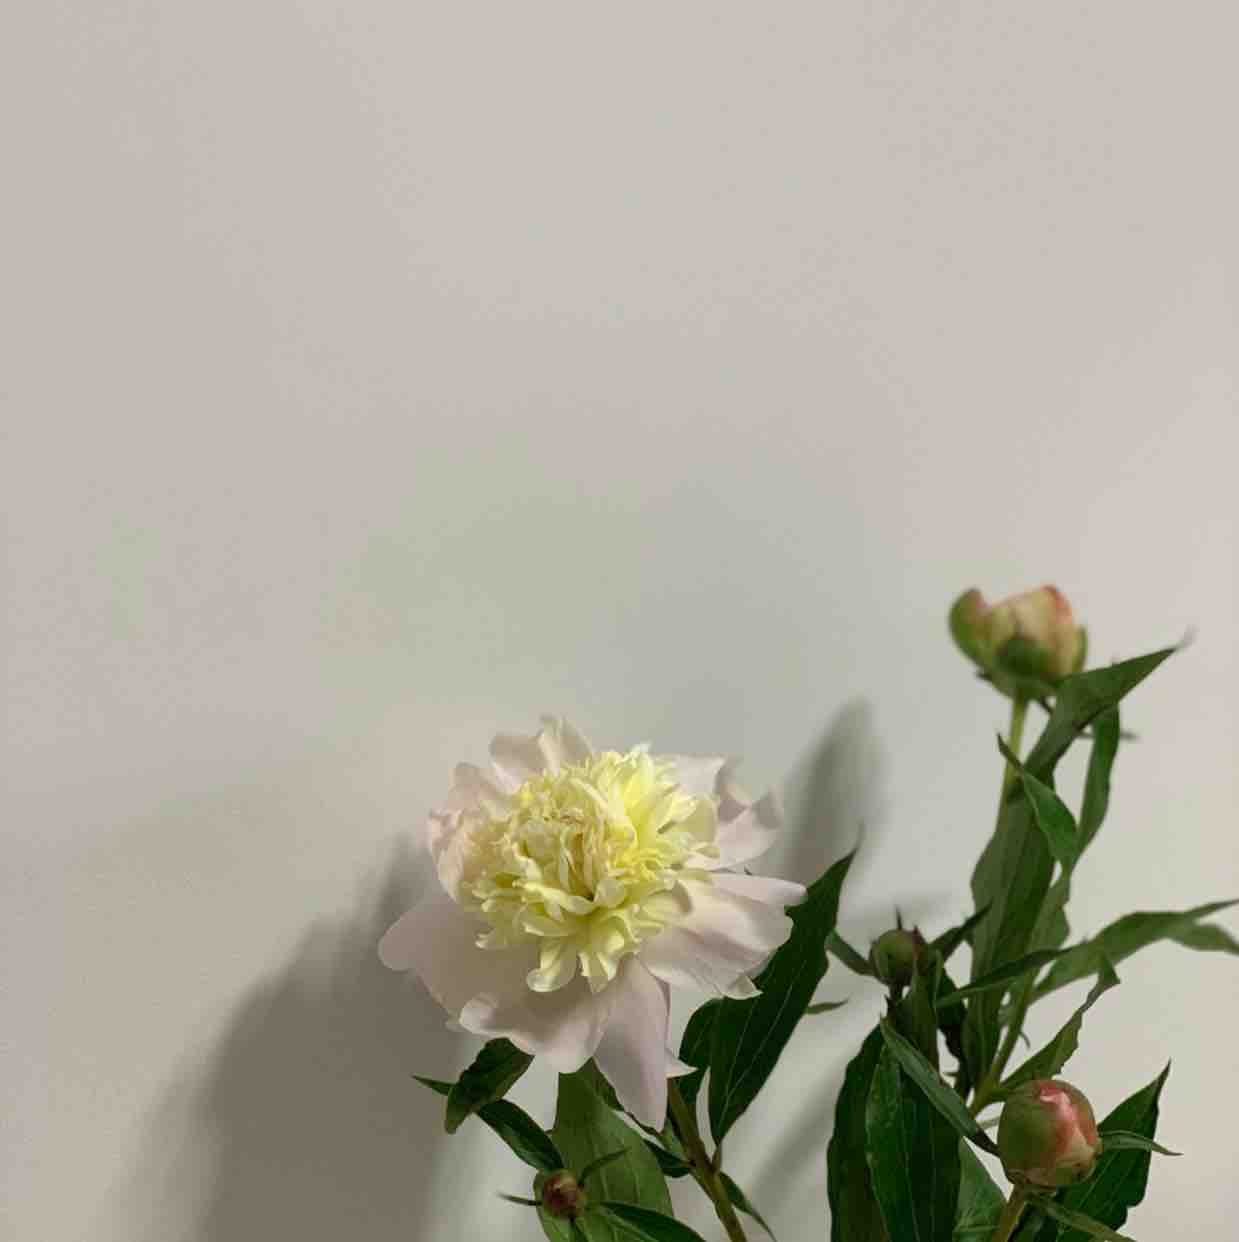 Qiao24692